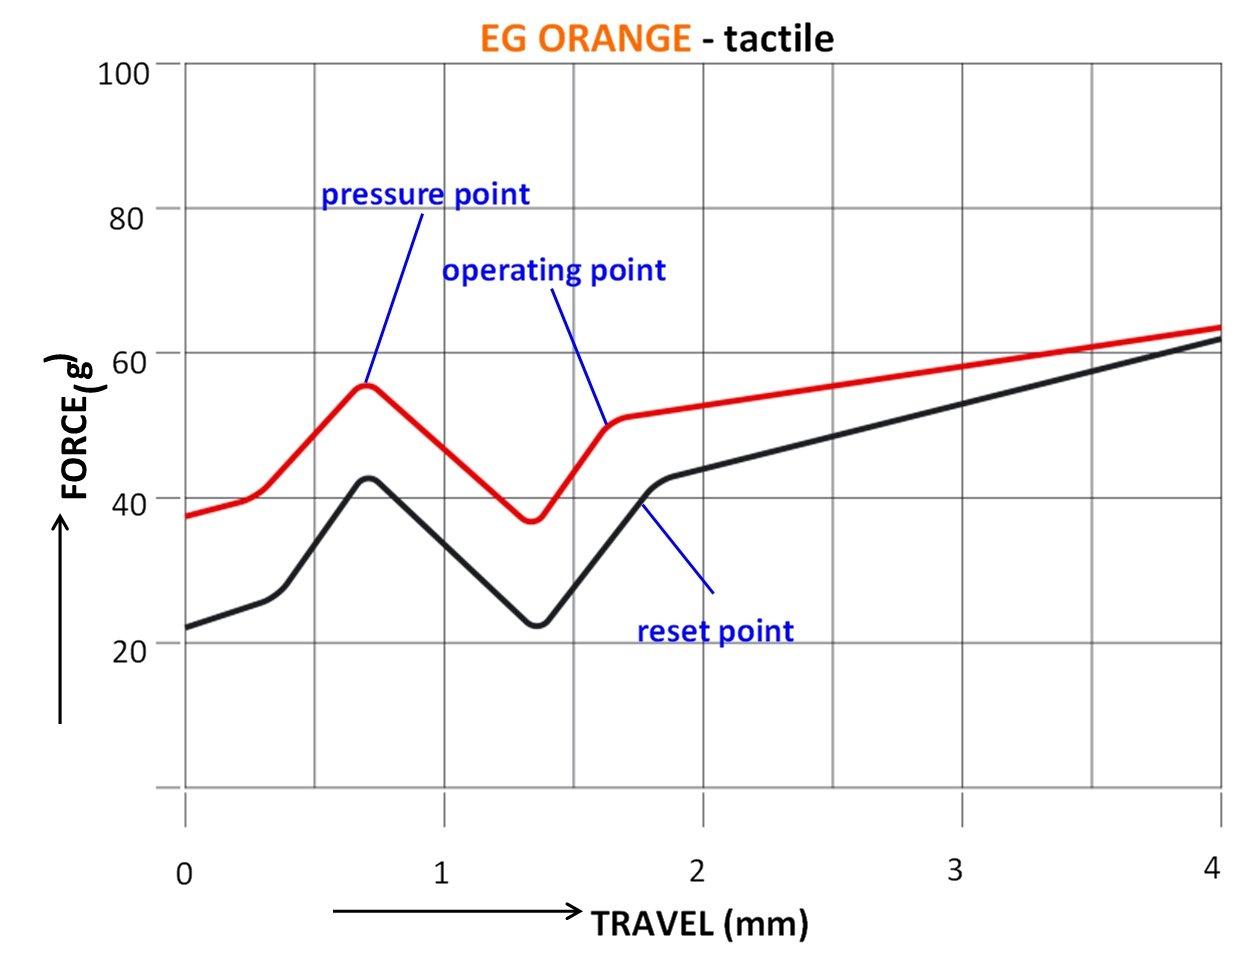 Kraftdiagramm der EG Orange